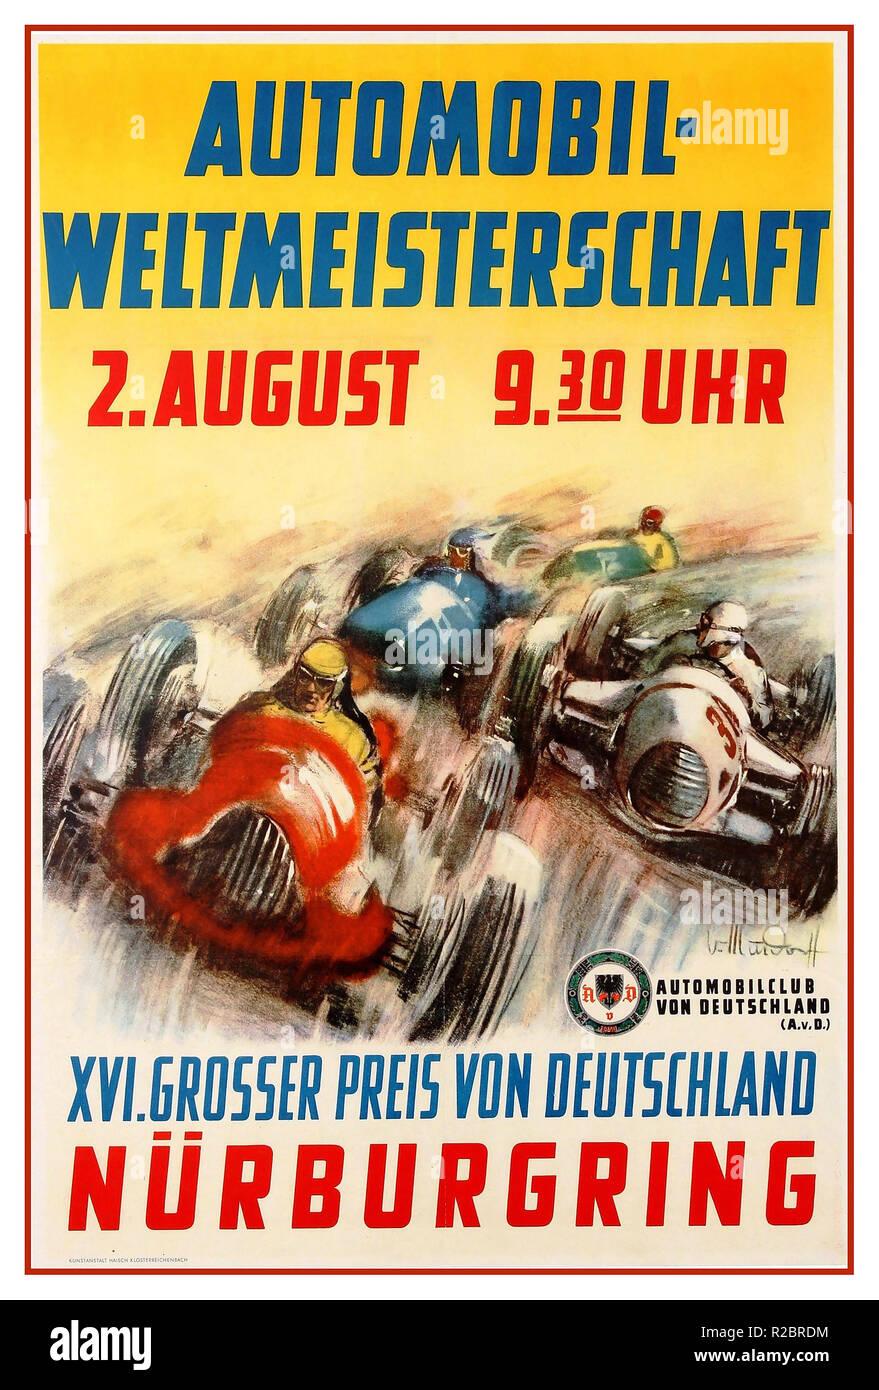 Vintage 1953 F1 motor sport affiche publicitaire de l'Automobil XVI. Grosser Preis von Deutschland Nürburgring / Coupe du monde automobile XVI Grand Prix d'Allemagne qui s'est tenue à la piste de course de Nürburgring le 2 août 1953. Modèle avec course de voitures autour d'un coin à la vitesse avec le texte ci-dessus contre le fond jaune et ci-dessous avec l'Automobilclub von Deutschland AvD Club automobile allemand logo. La Coupe du Monde de l'automobile est le nom d'origine pour la Formule Un. Photo Stock